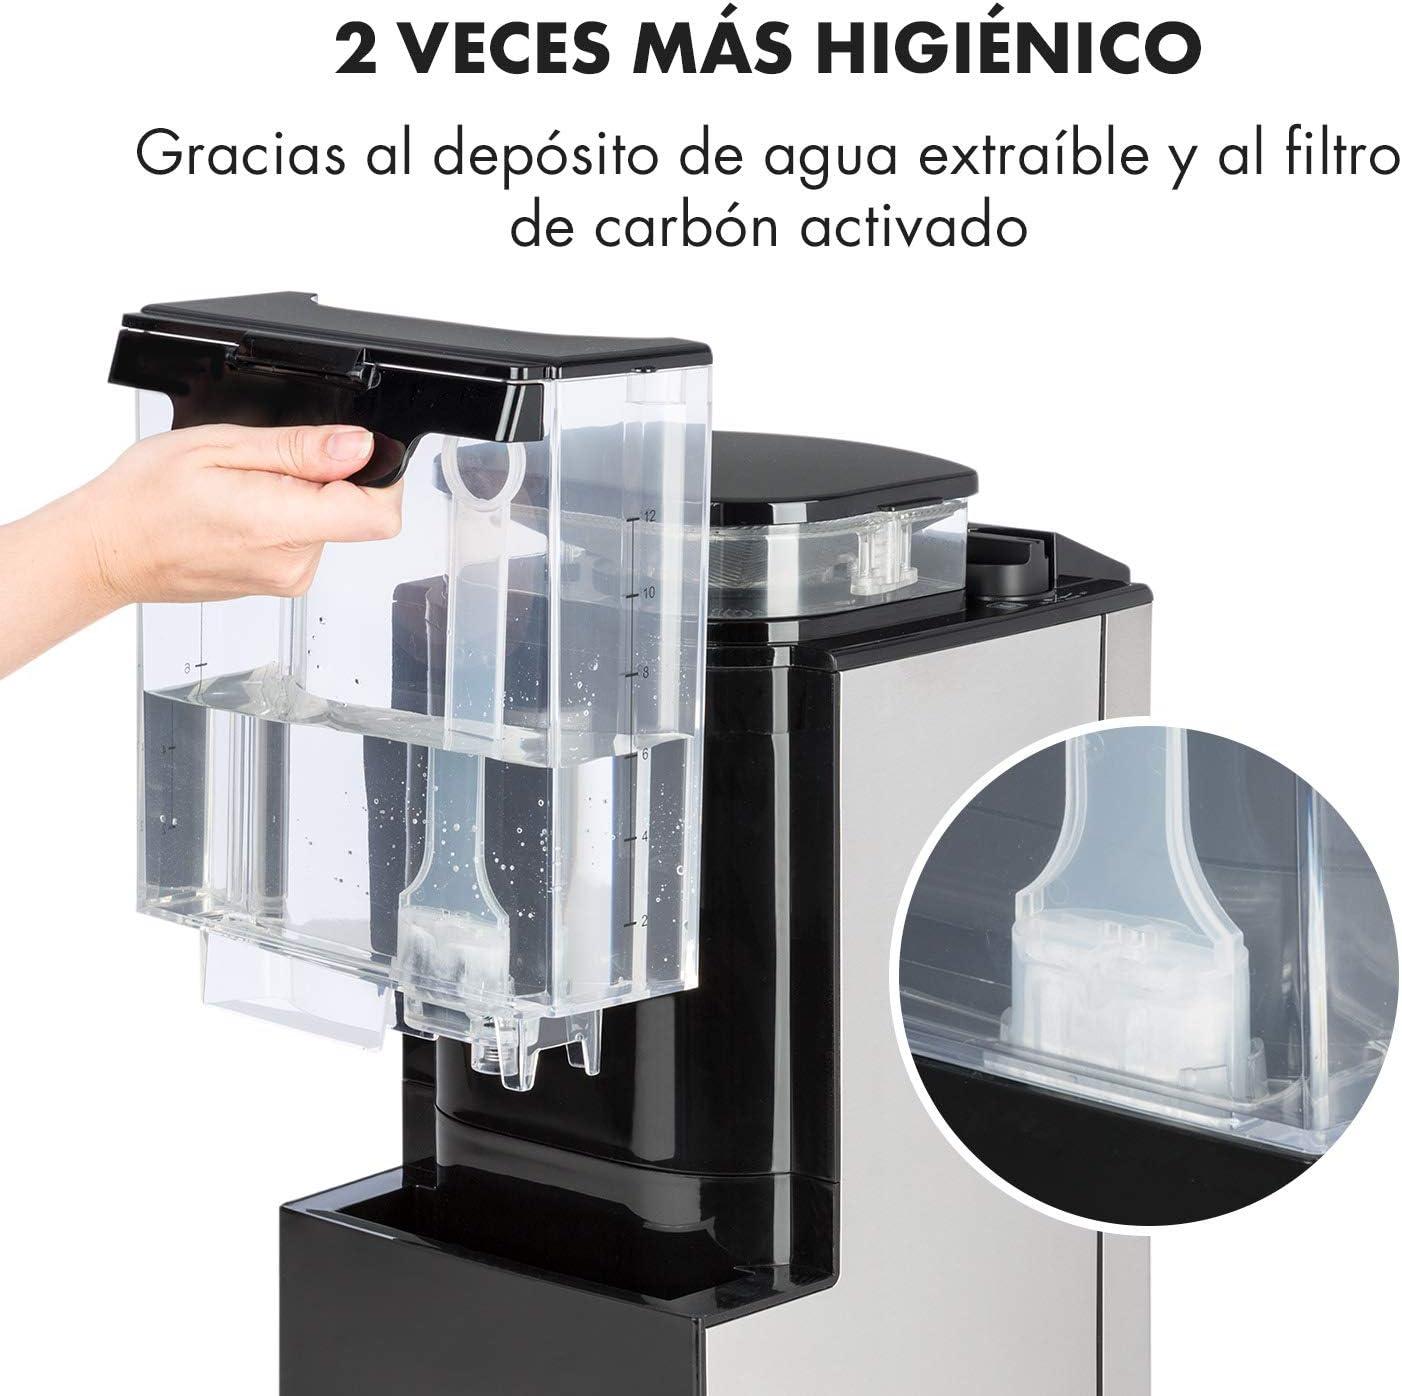 Negro 1000 W Klarstein Aromatica II m/áquina de caf/é con molino Programable 24 horas M/áquina de caf/é con filtro Filtro de carb/ón activo permanente Jarra de vidrio de 1,25 litros